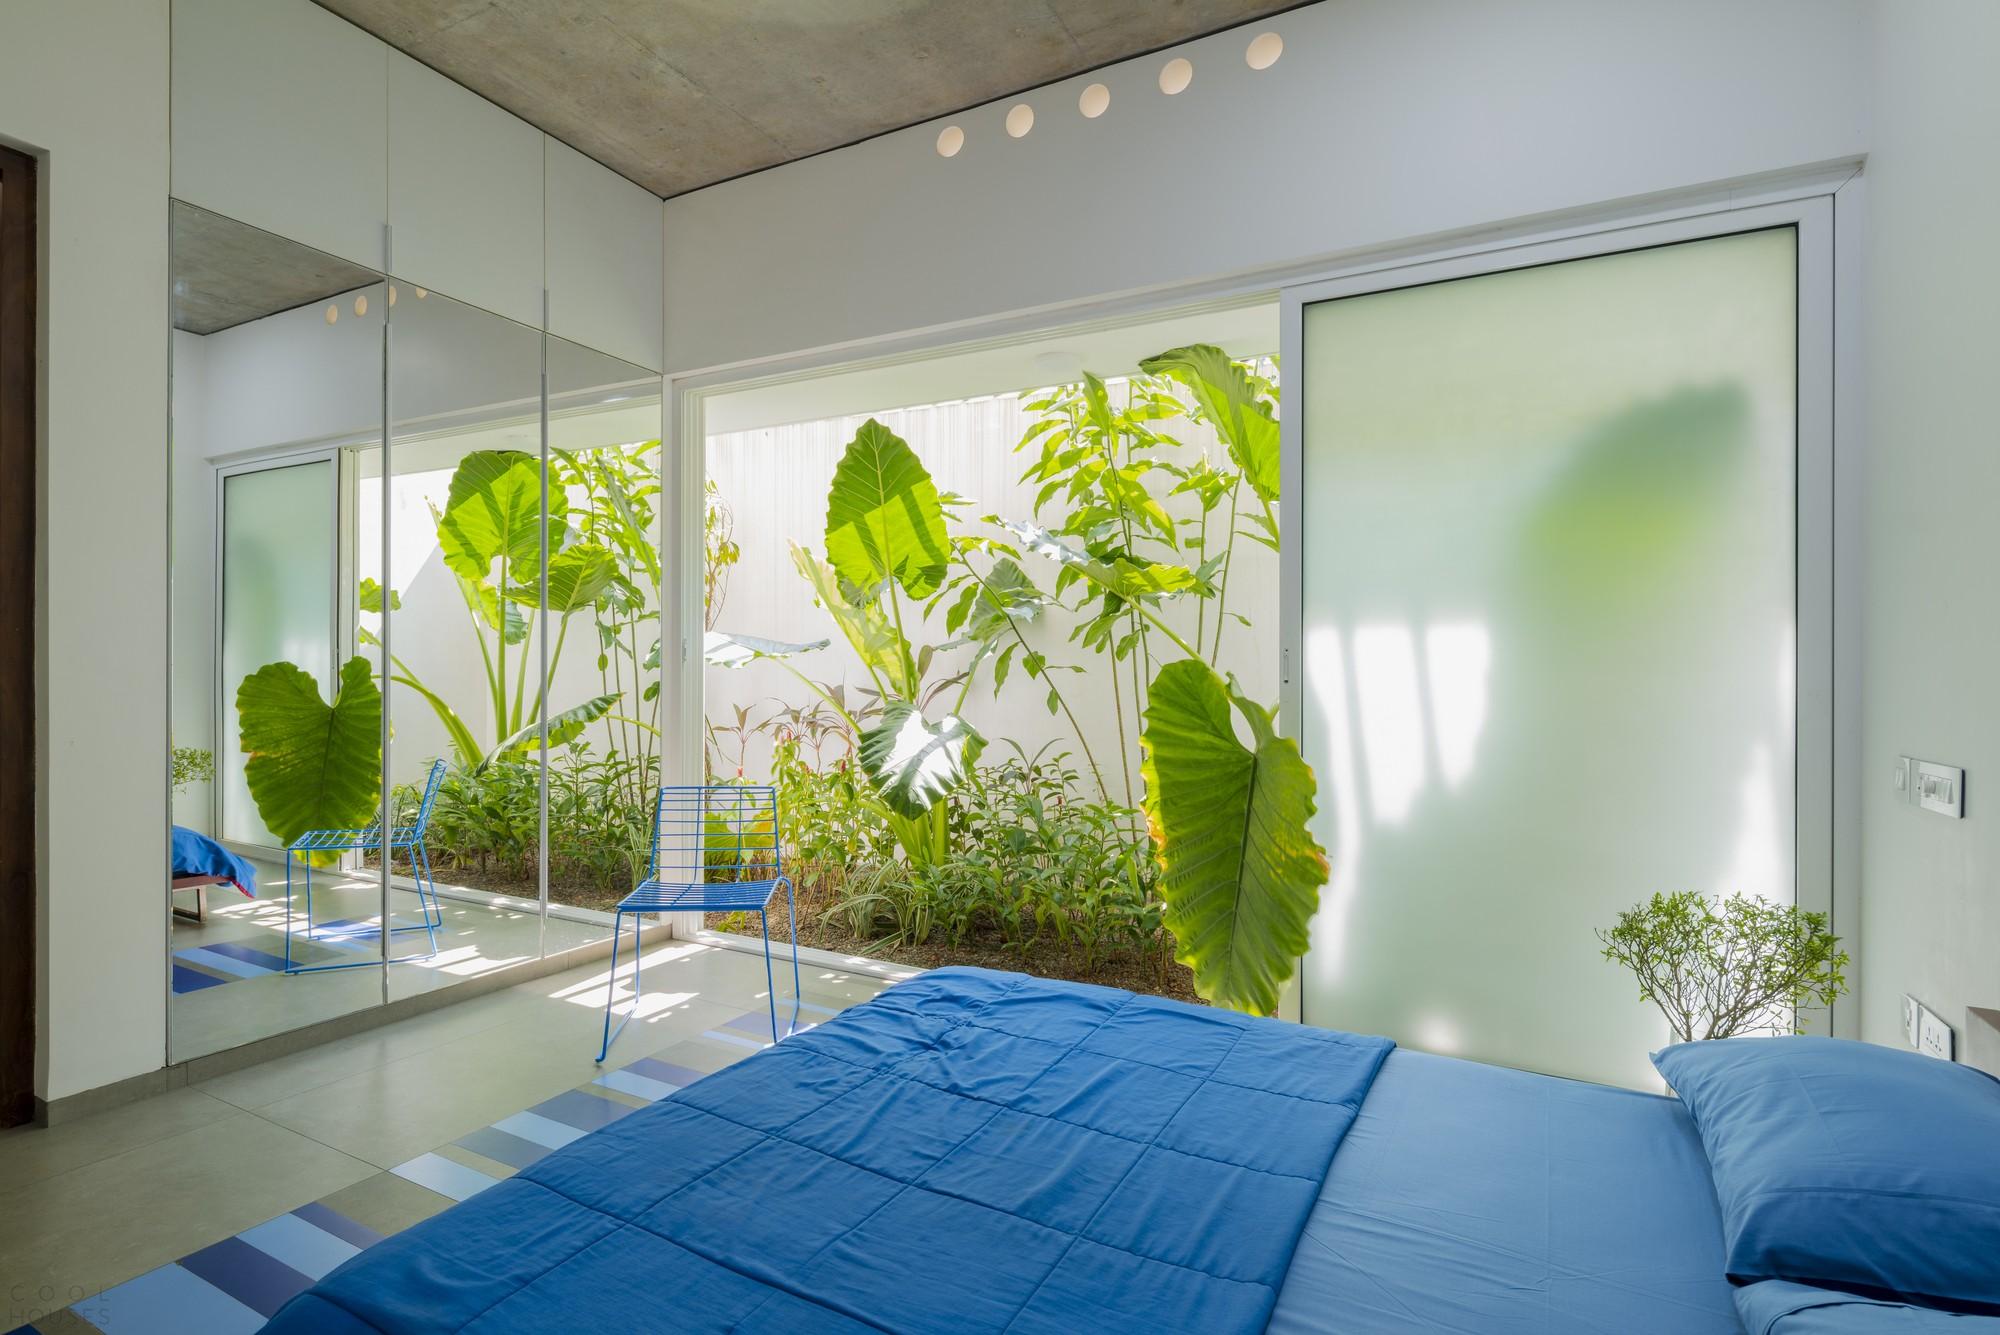 «Дом, излучающий свет» с биофильным дизайном